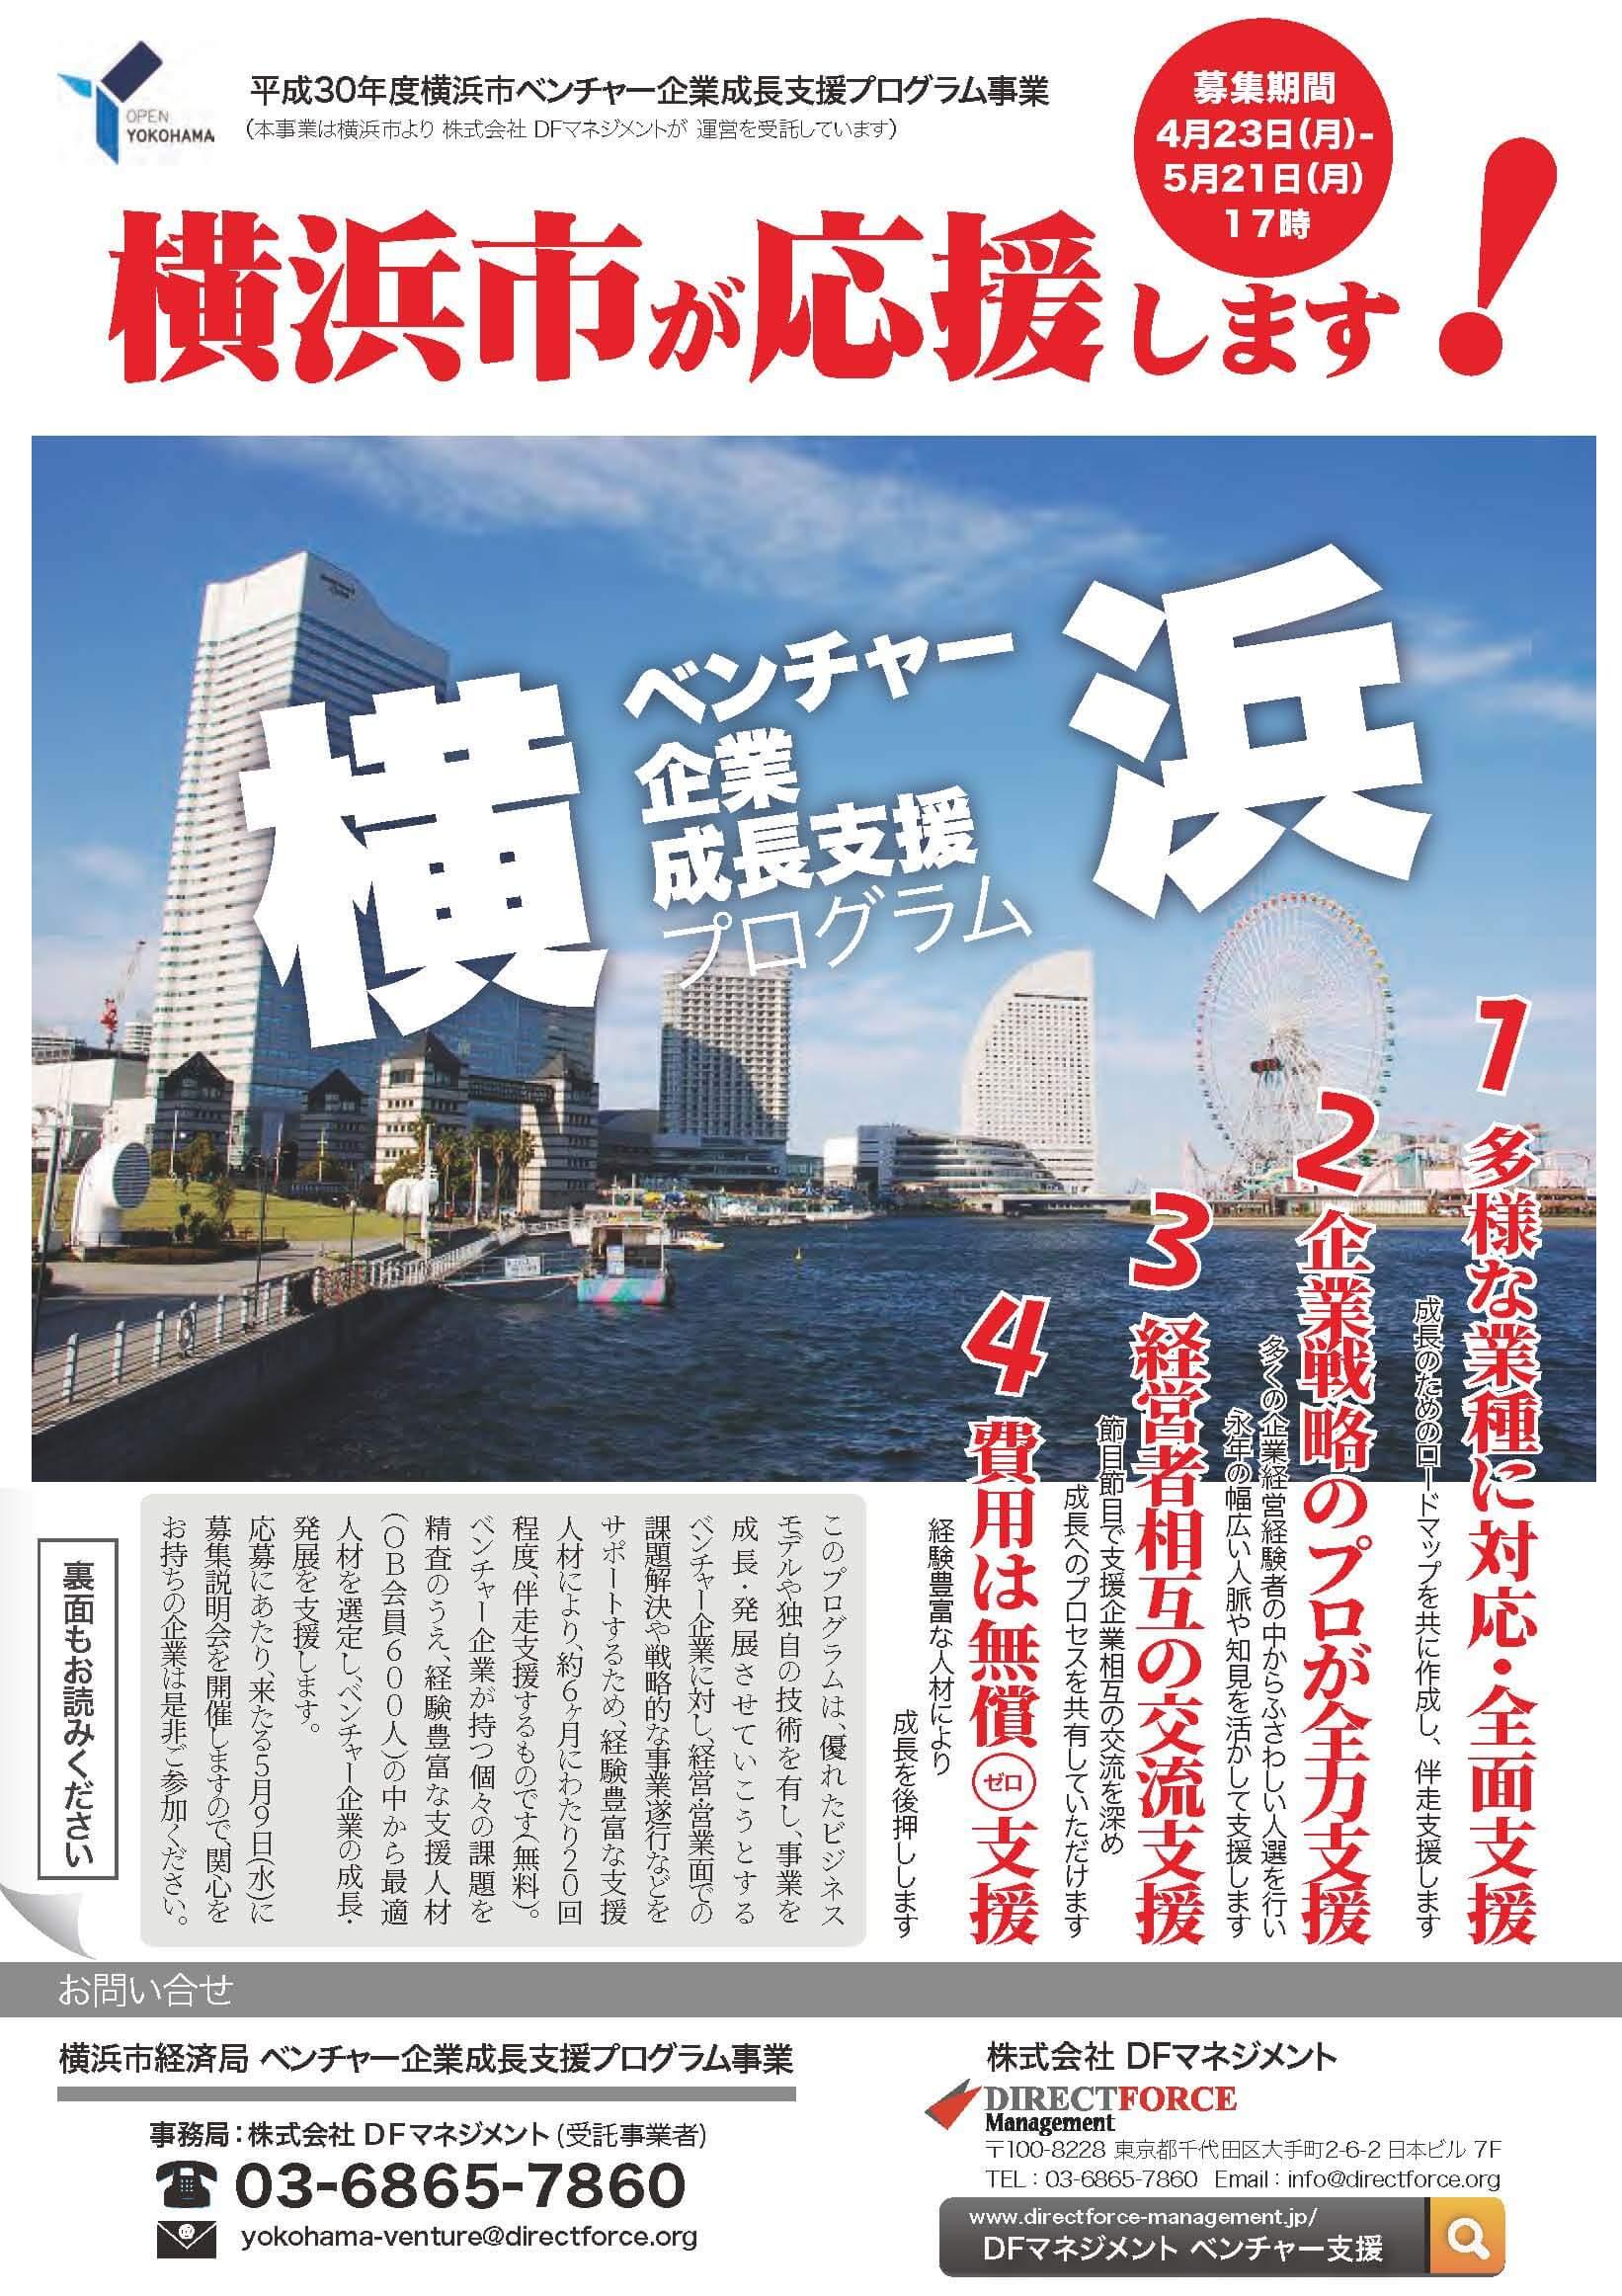 横浜市ベンチャー企業成長支援プログラム事業ちらし